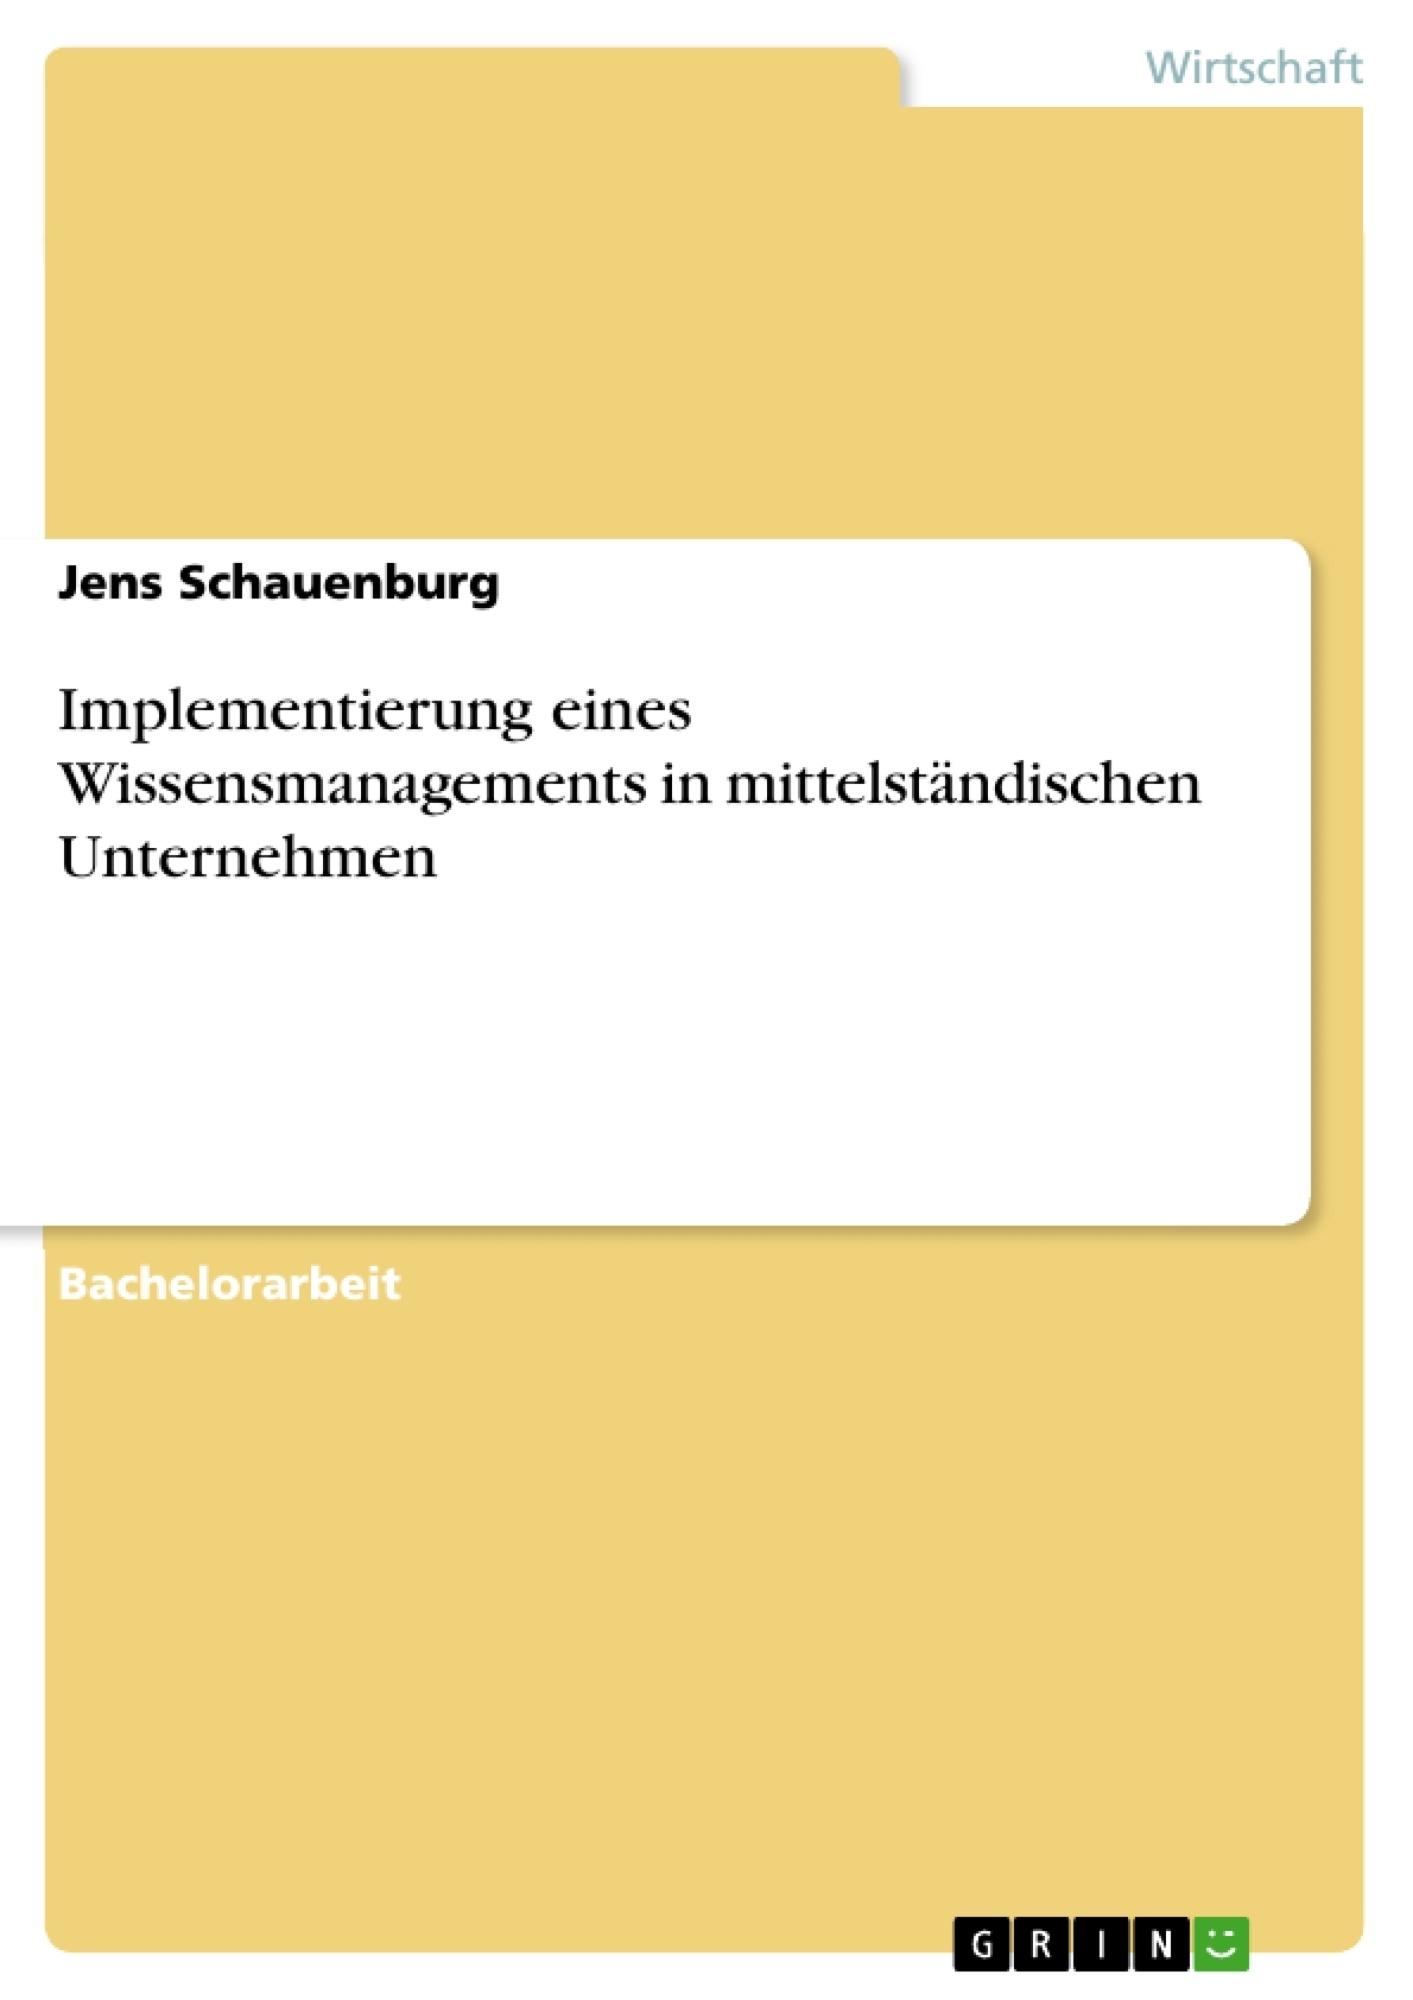 Titel: Implementierung eines Wissensmanagements in mittelständischen Unternehmen